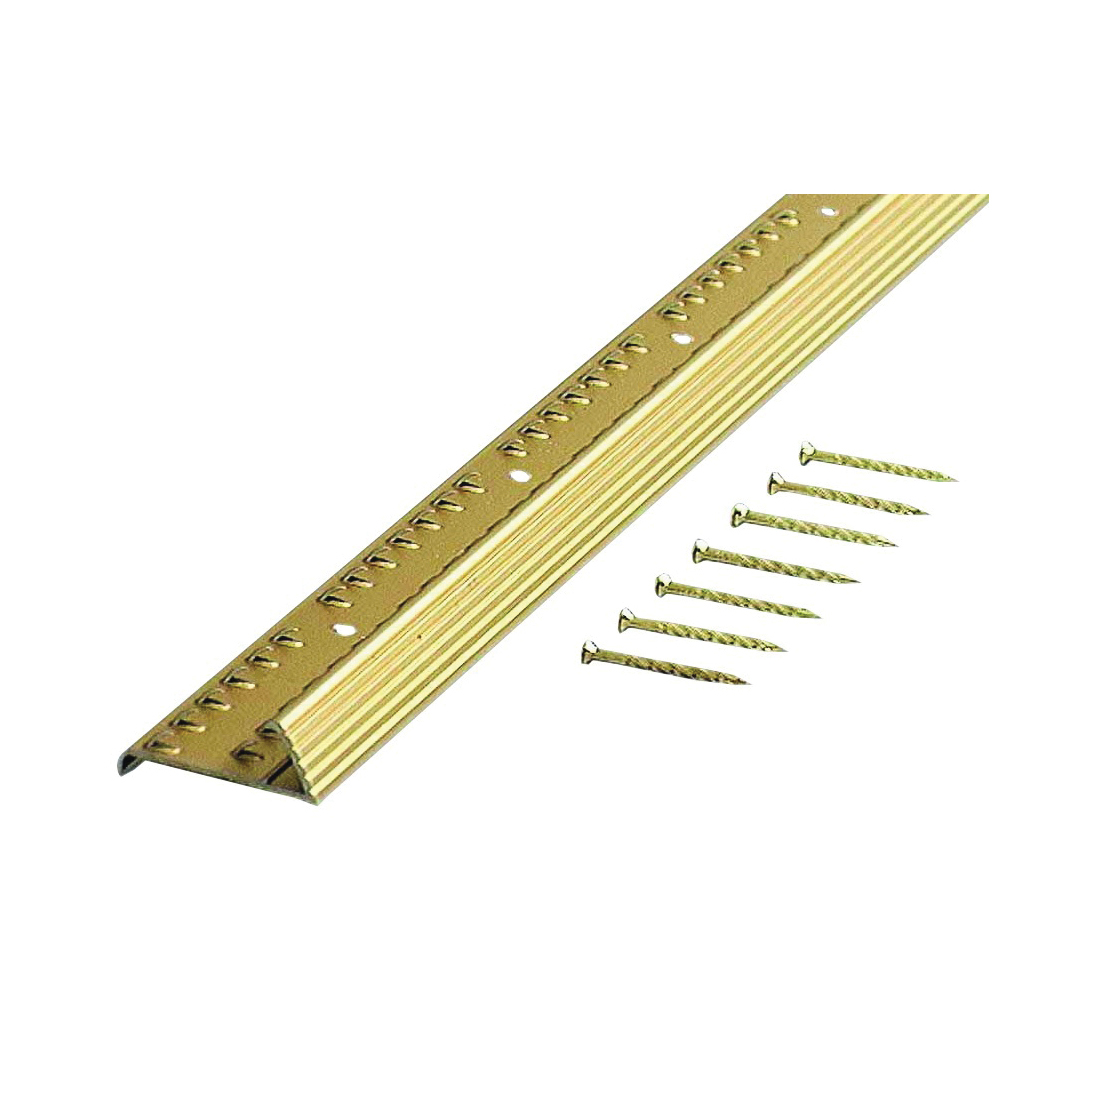 Picture of M-D 79053 Fluted Carpet Gripper, 36 in L, 1-3/8 in W, Aluminum, Satin Brass